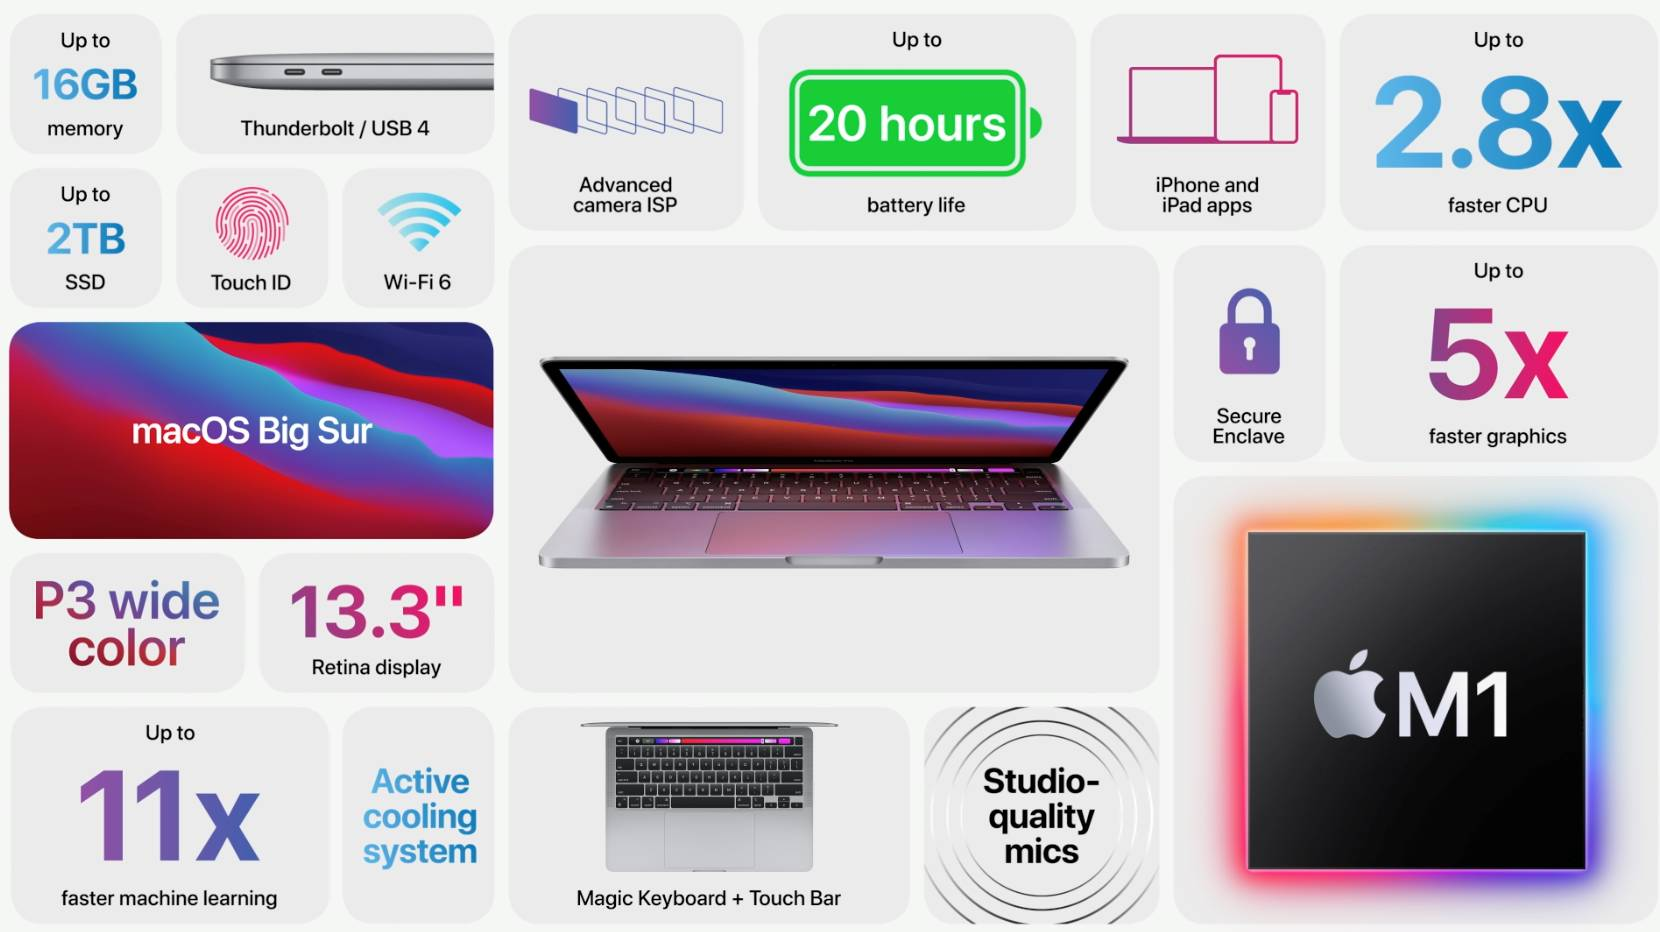 Apple MacBook Pro Procesor M1 specificatii